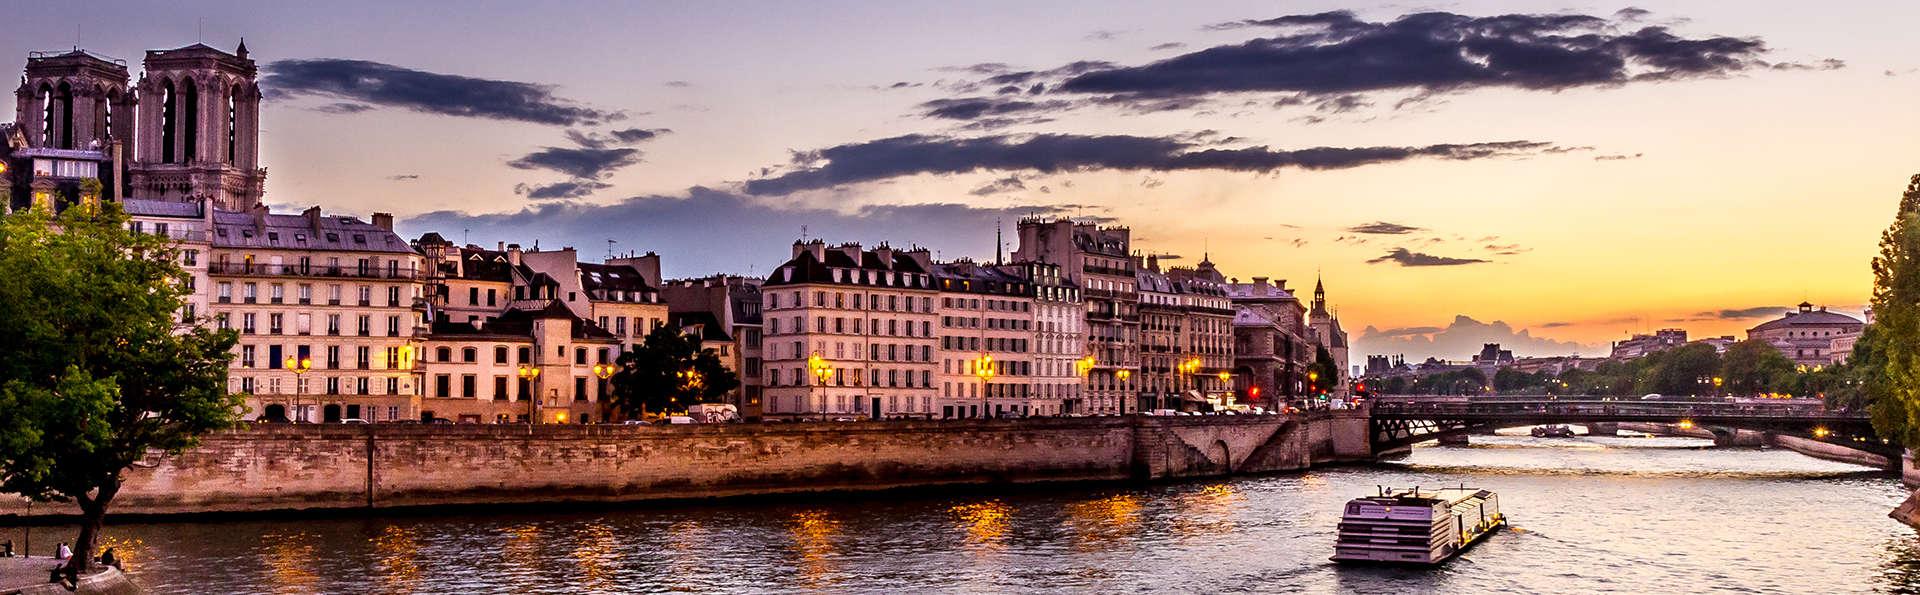 Séjour dans un hôtel design et croisière sur la Seine